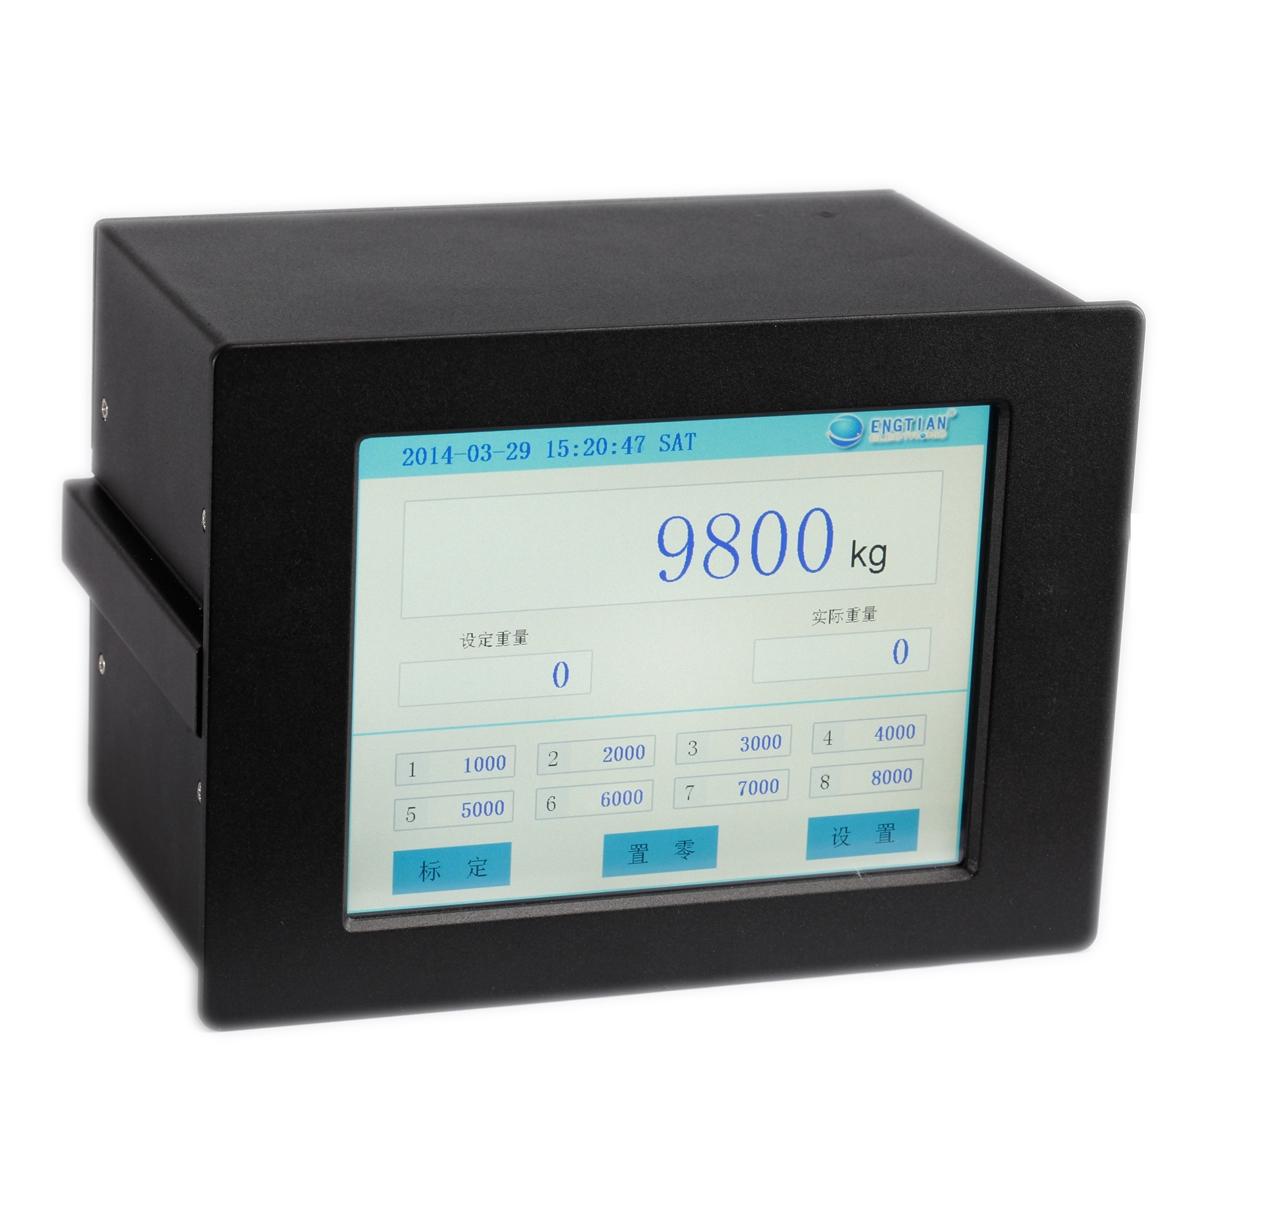 HT9800-K6